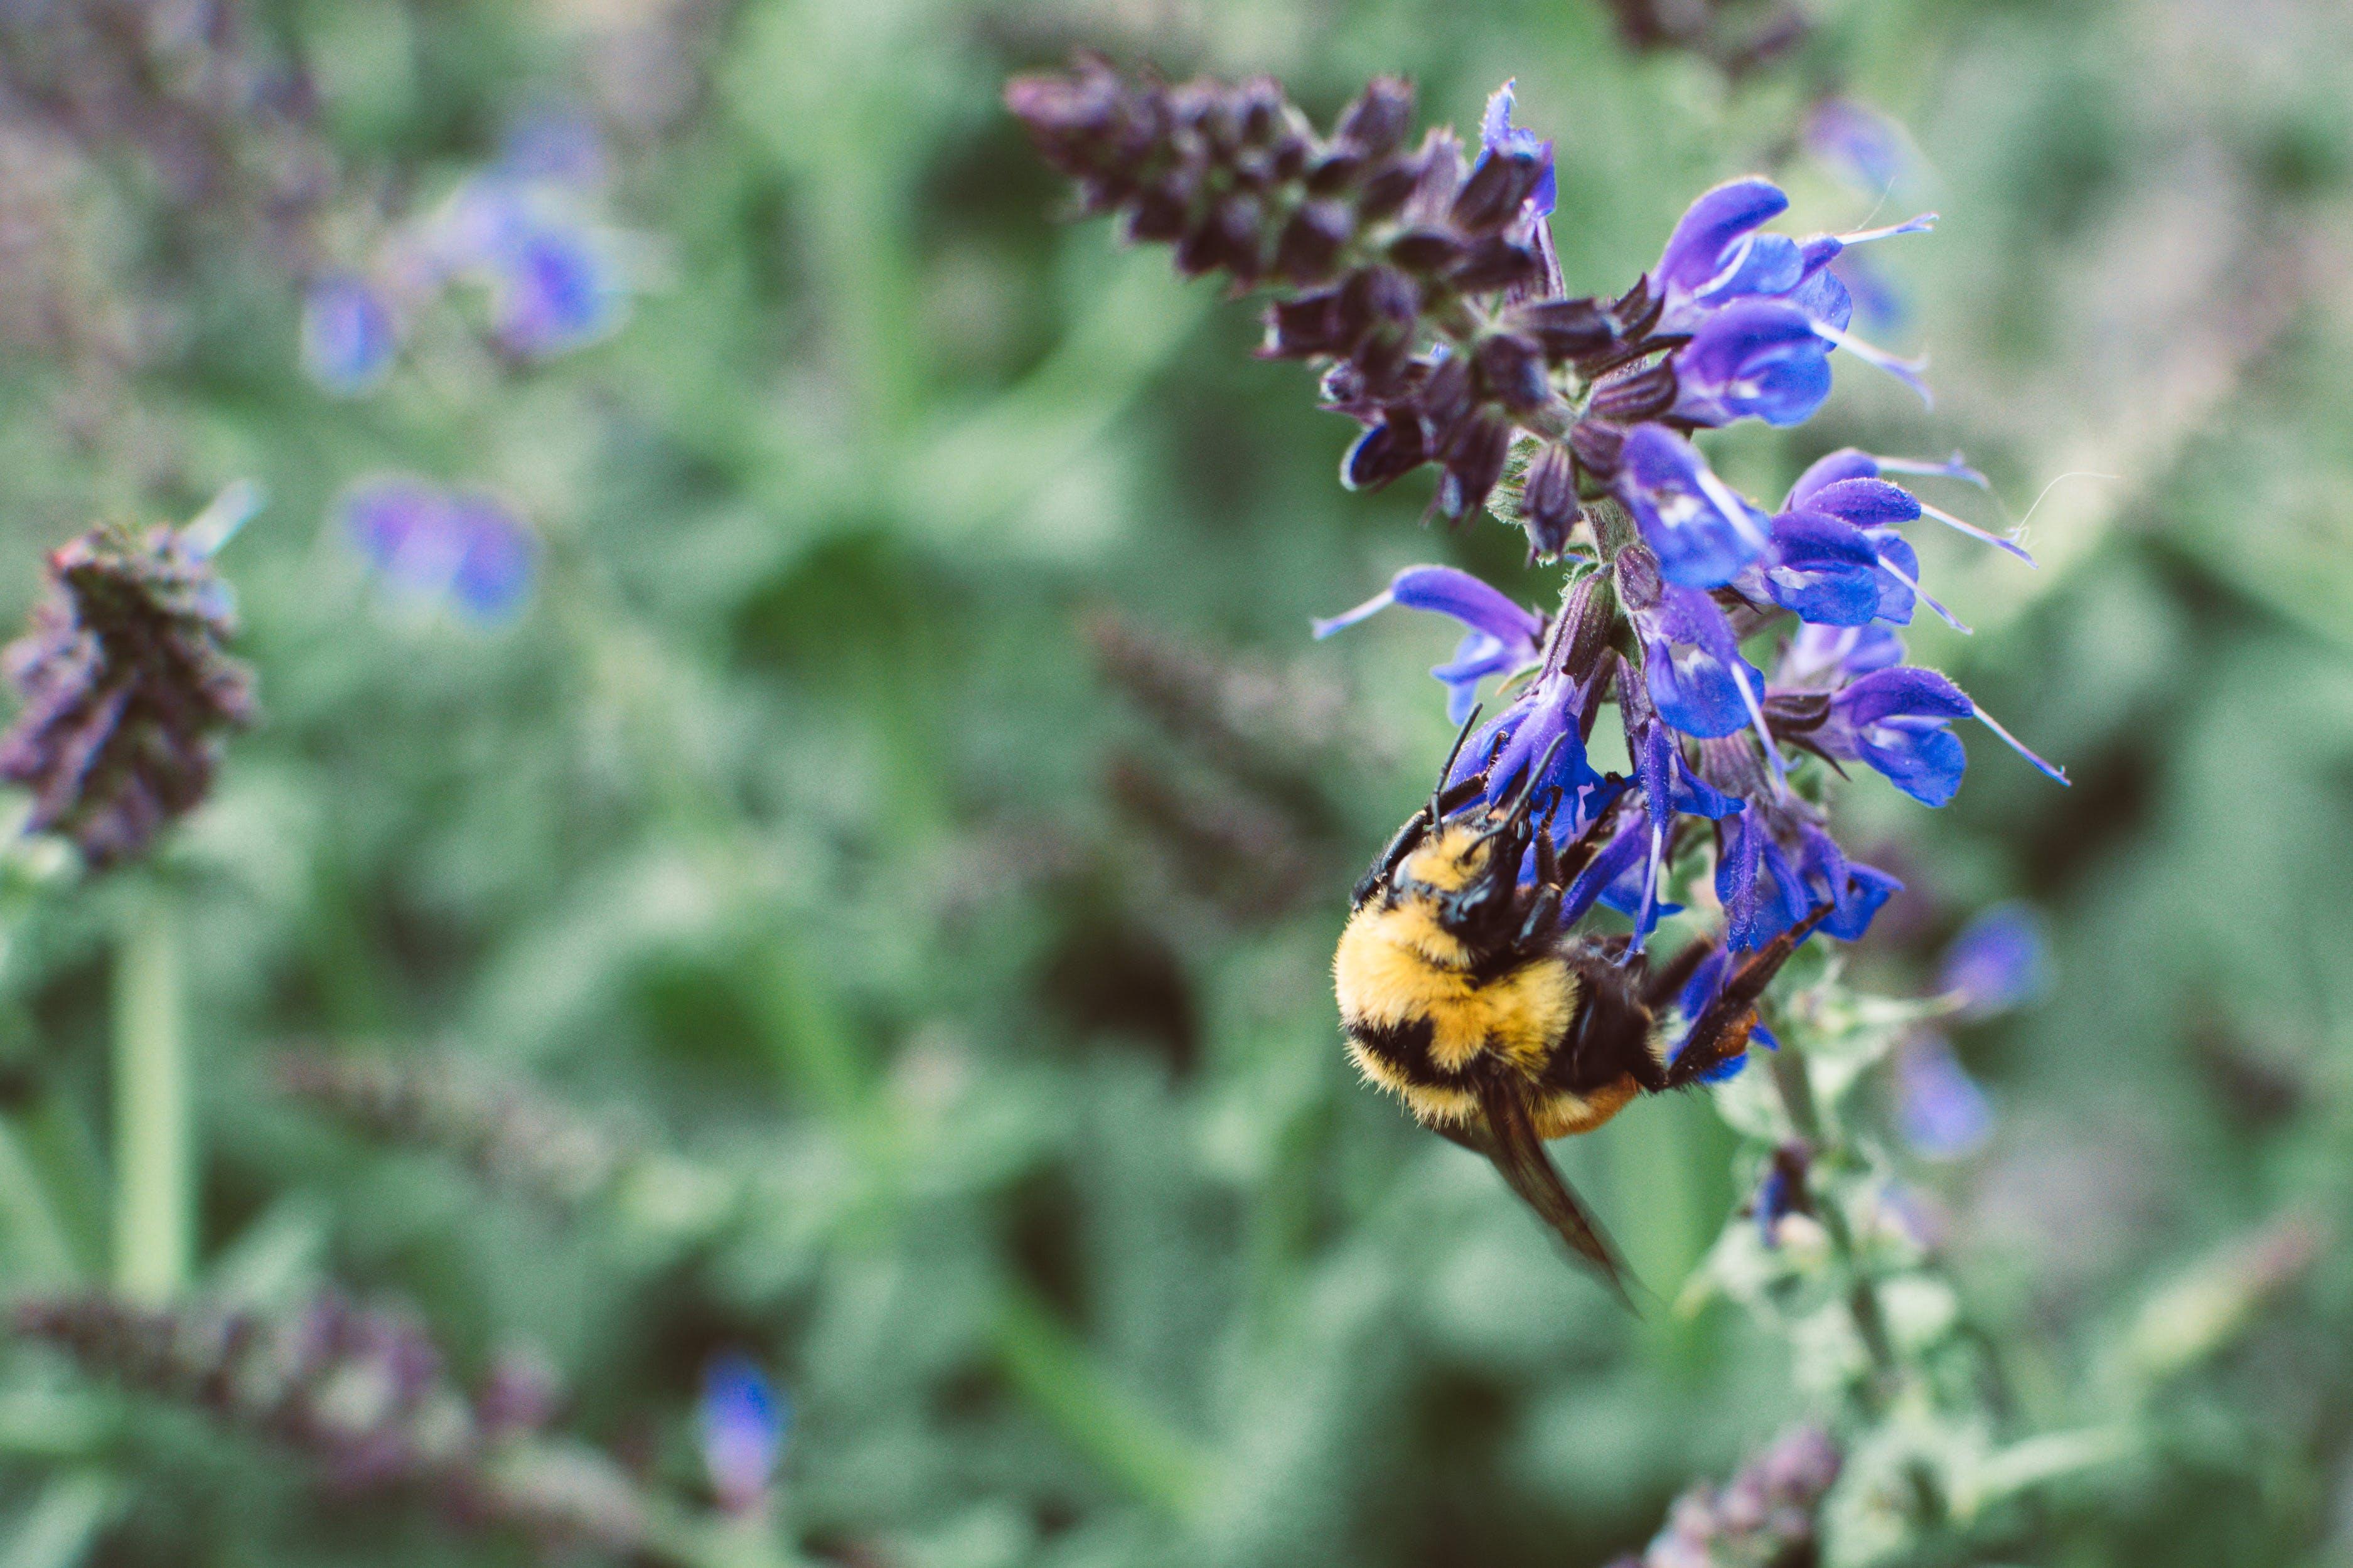 Yellow And Black Honeybee